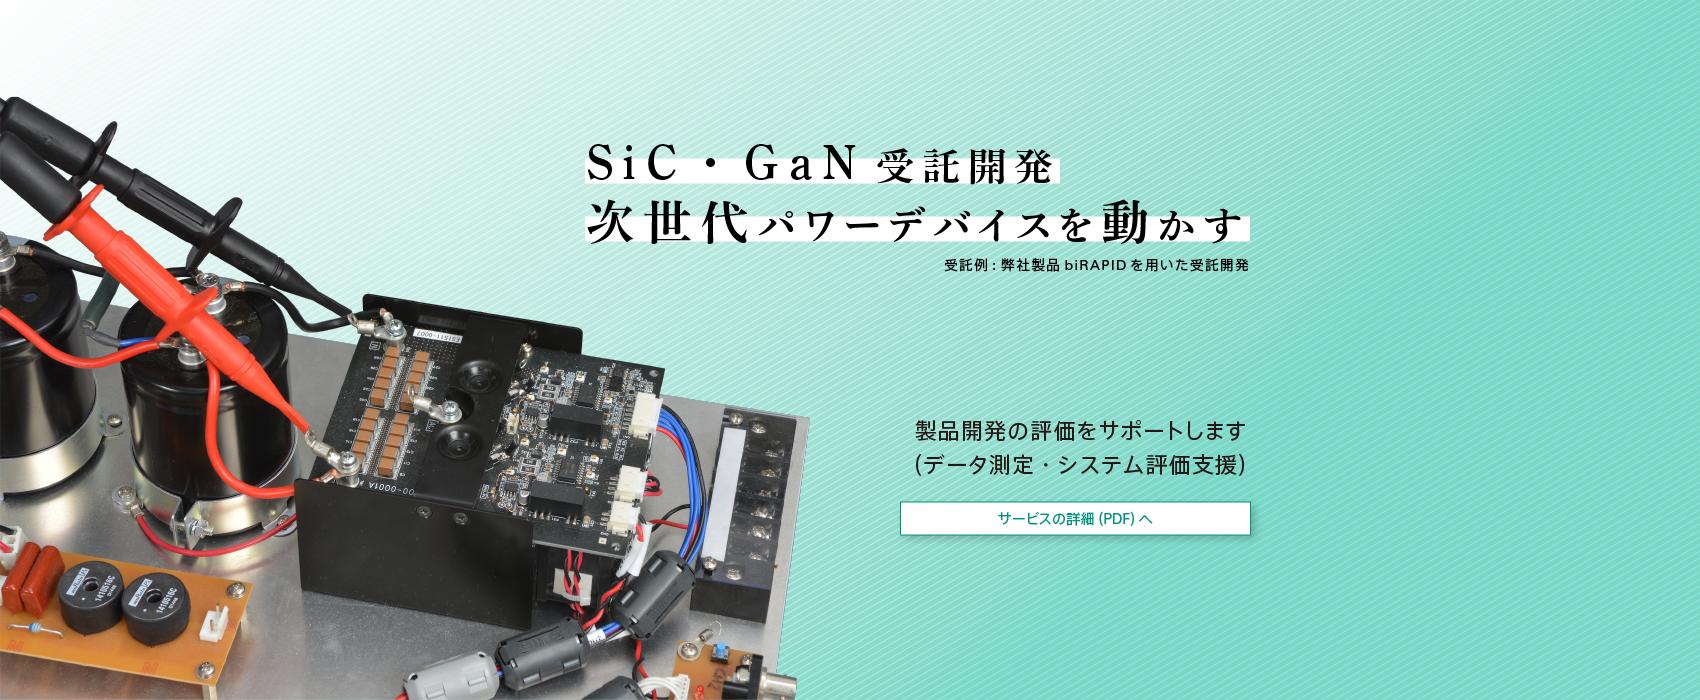 ヘッドスプリングの受託開発・評価受託:SiC/GaNの駆動、回生電源製品開発等の技術資産を活かしたパワーエレクトロニクス開発&評価